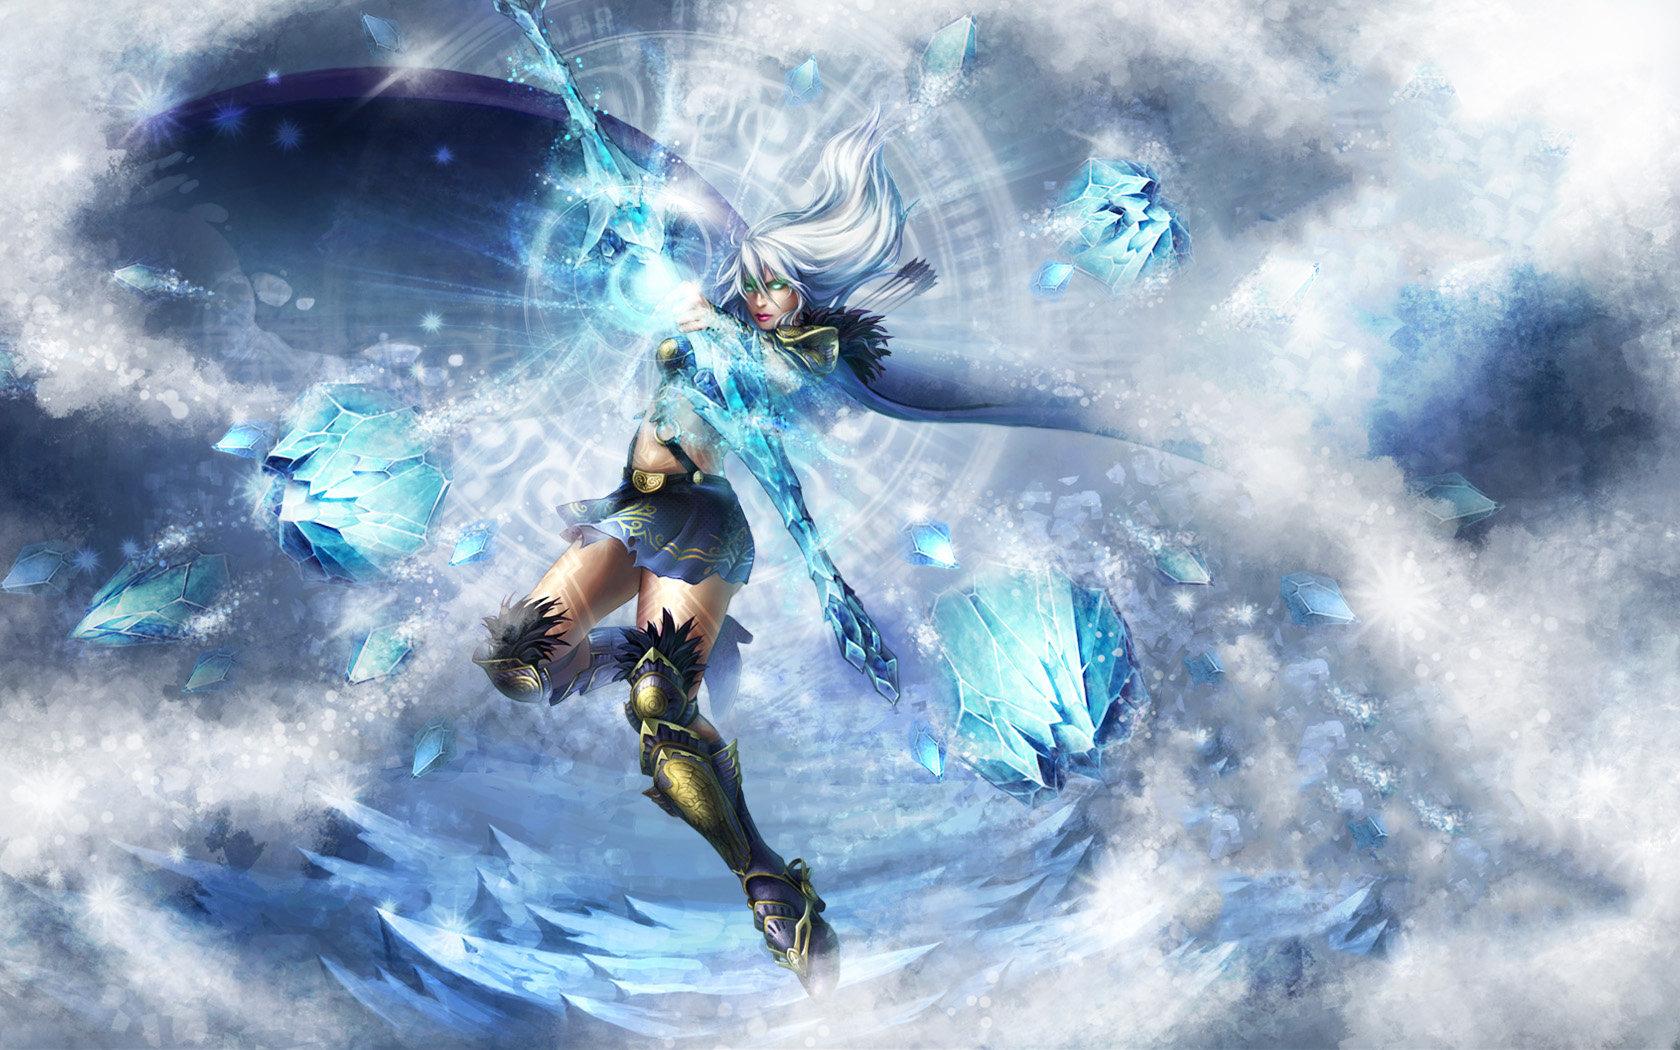 League of Legends Res: 1680x1050 / Size:440kb. Views: 648763